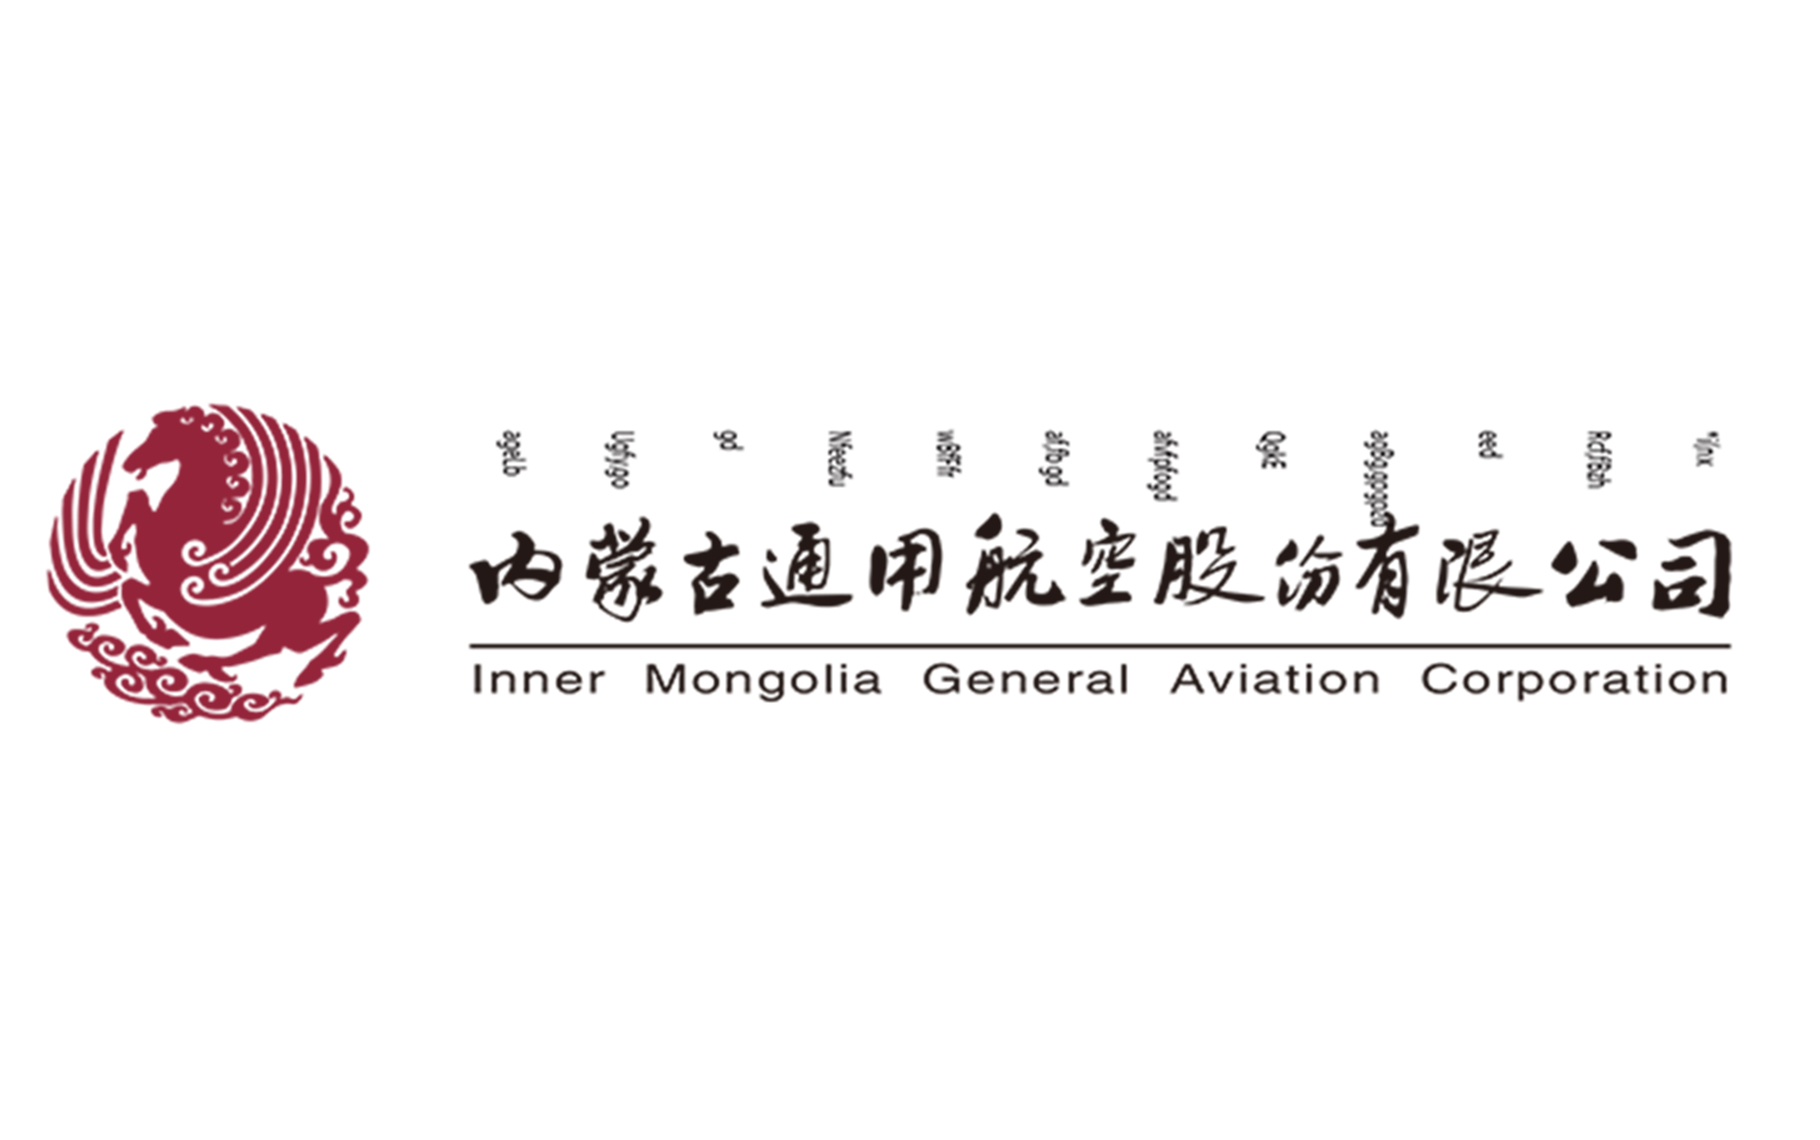 7、内蒙古通用航空股份有